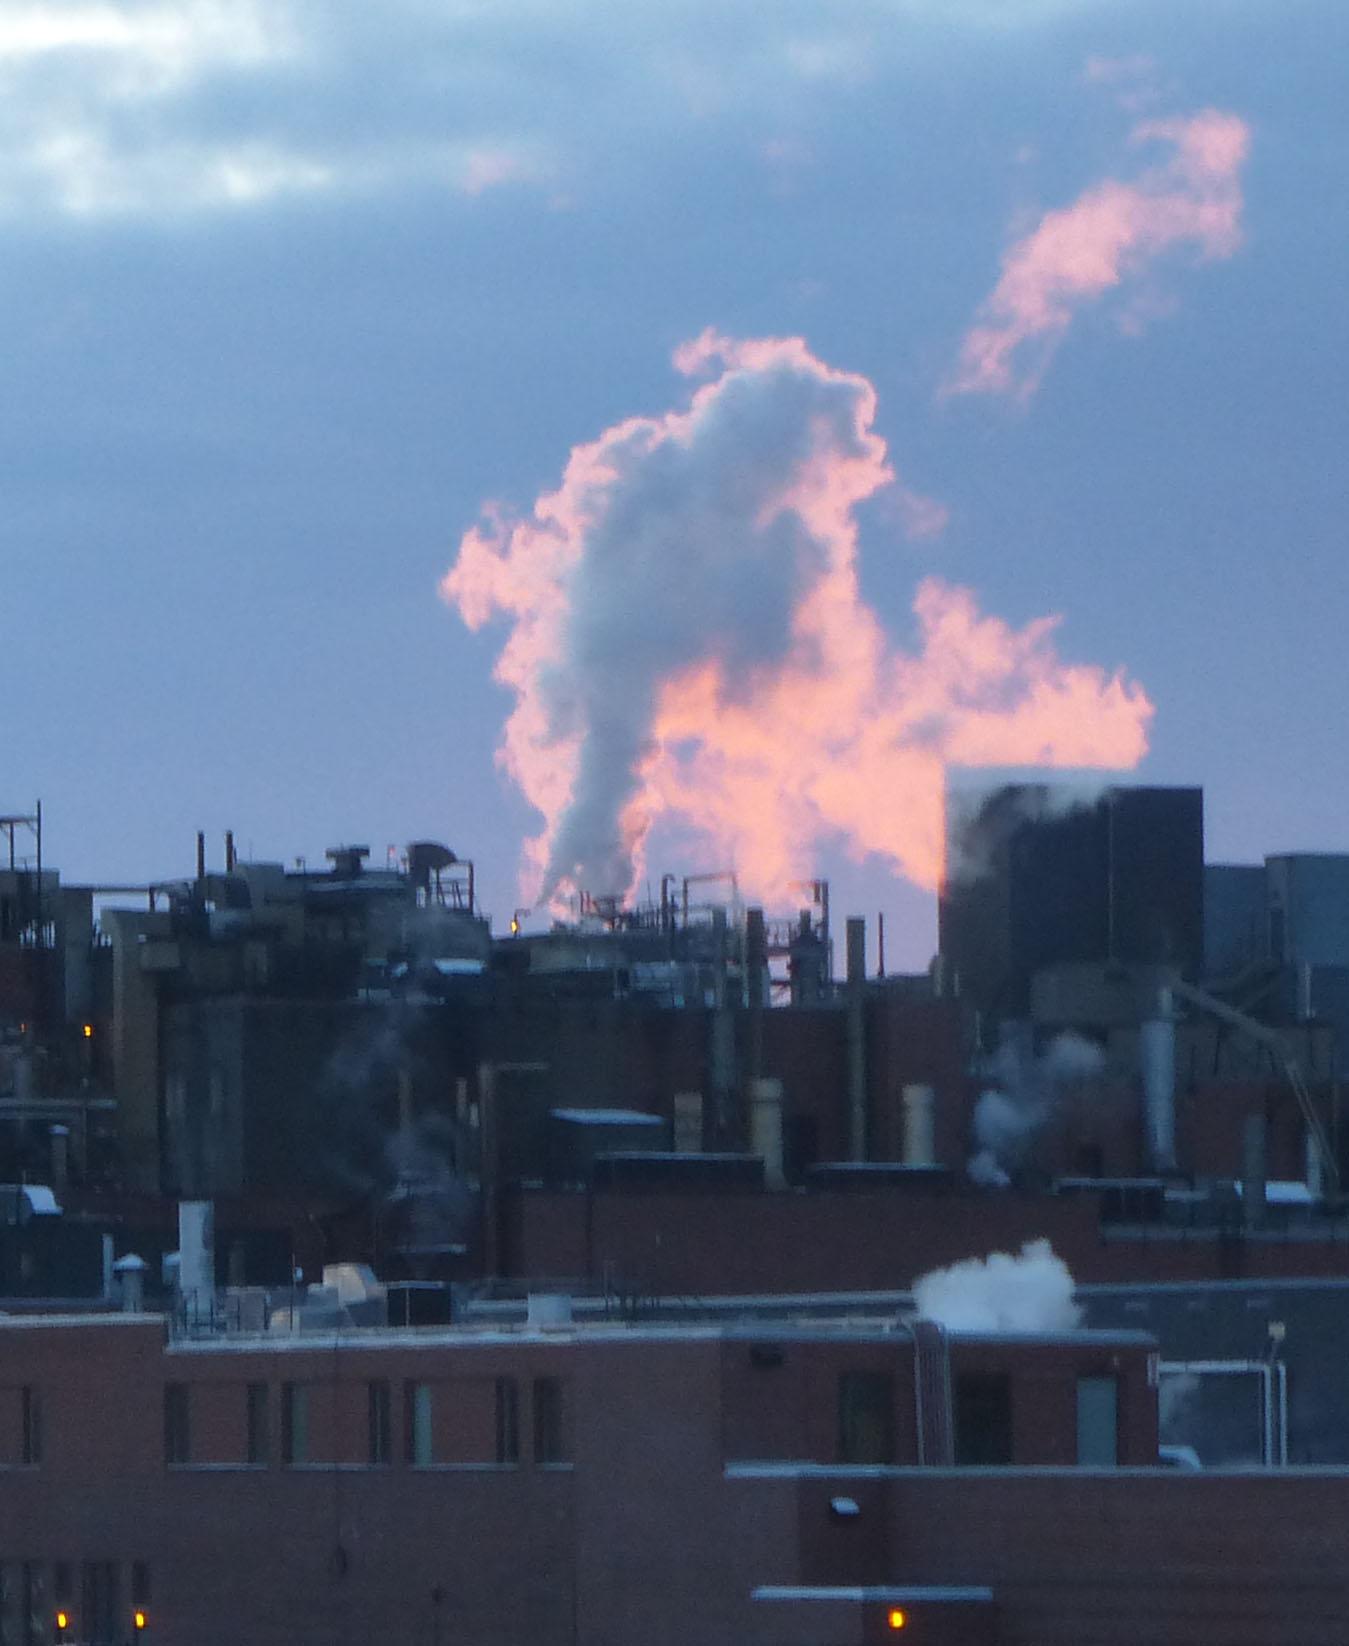 Hazardous materials in factories